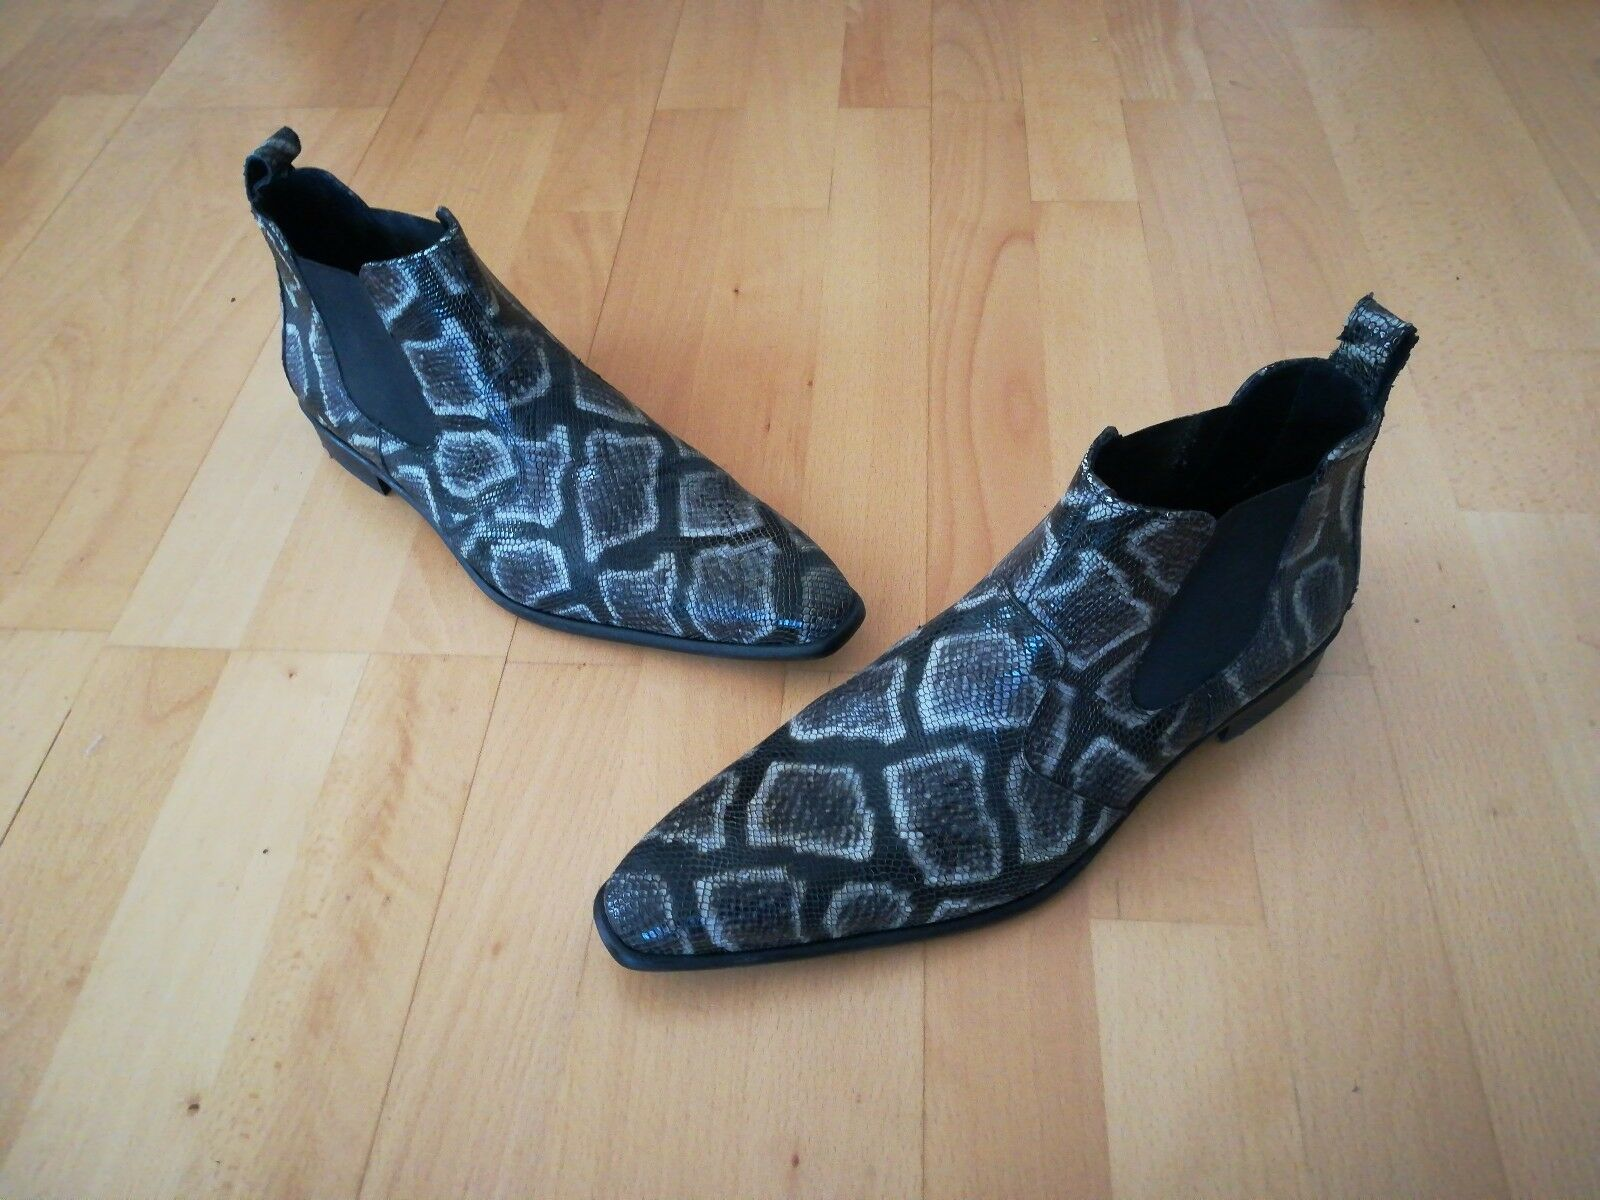 Lloyd Stiefeletten Pirat - Schlangenlederoptik - Größe 45